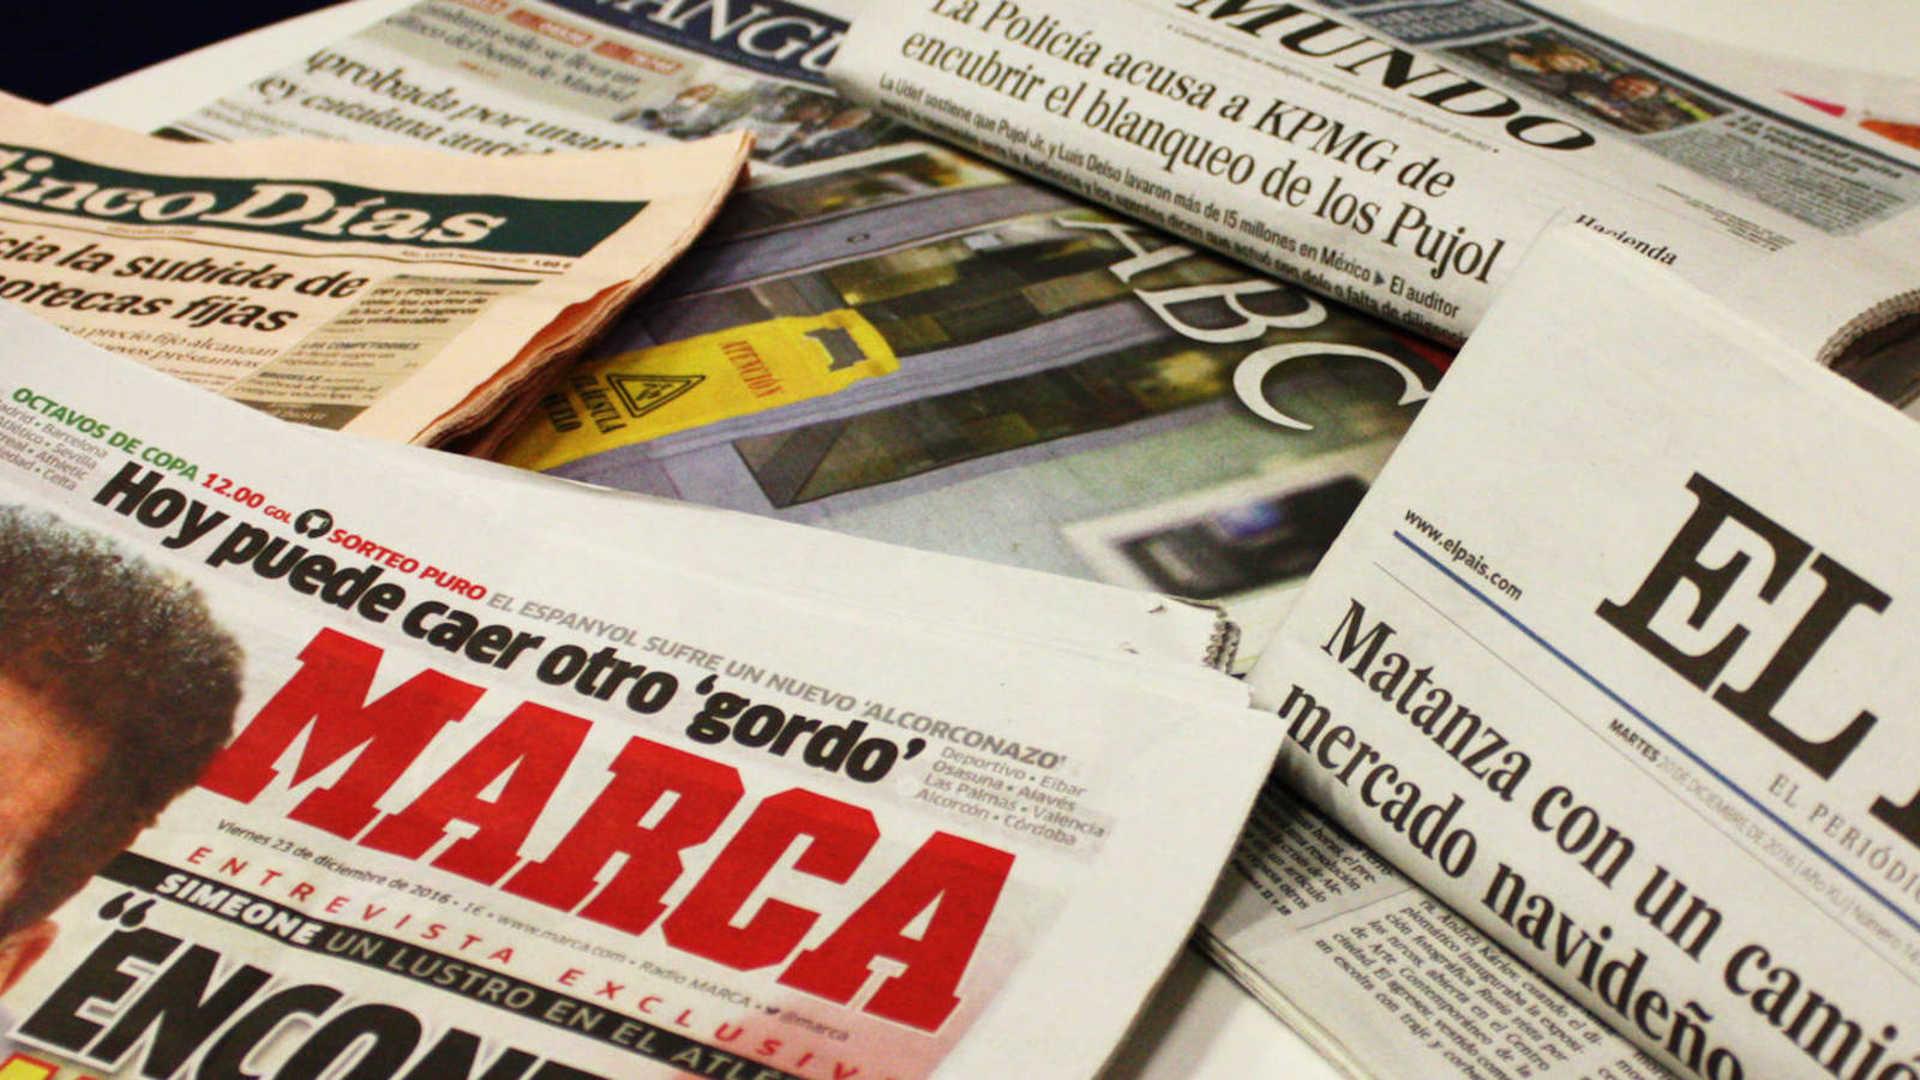 Pascual (Prensa)